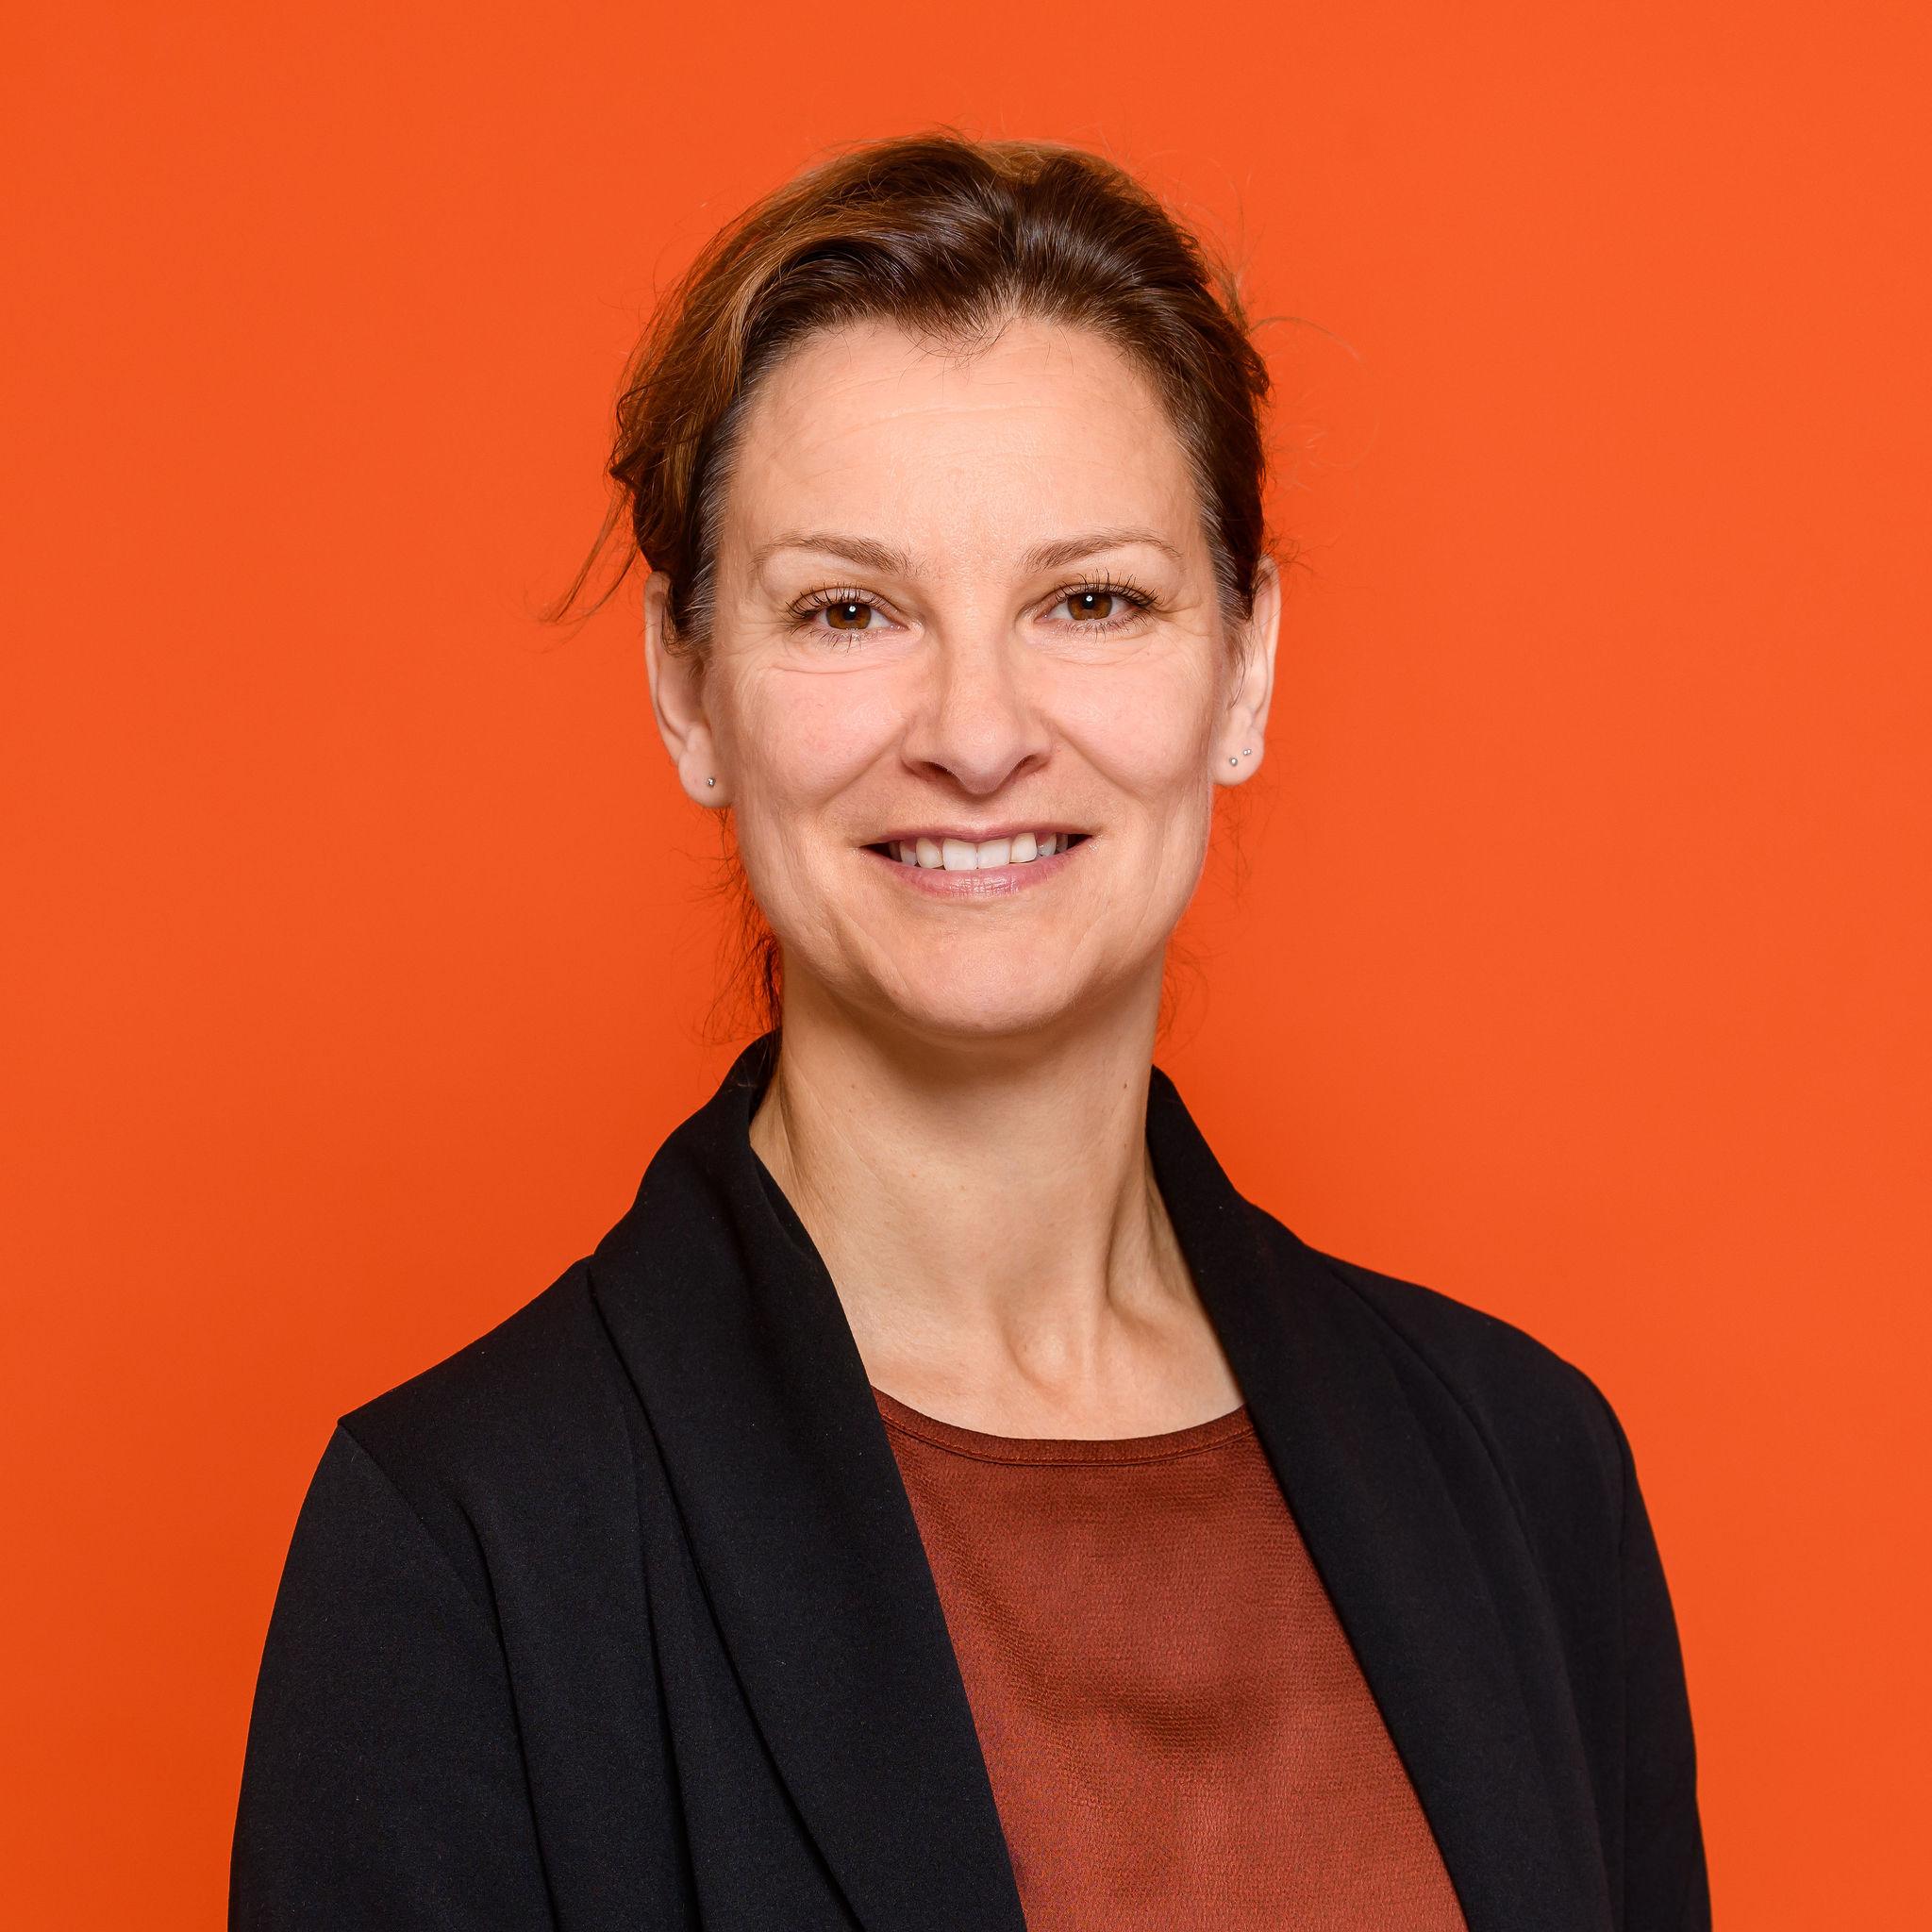 Merel Meijer